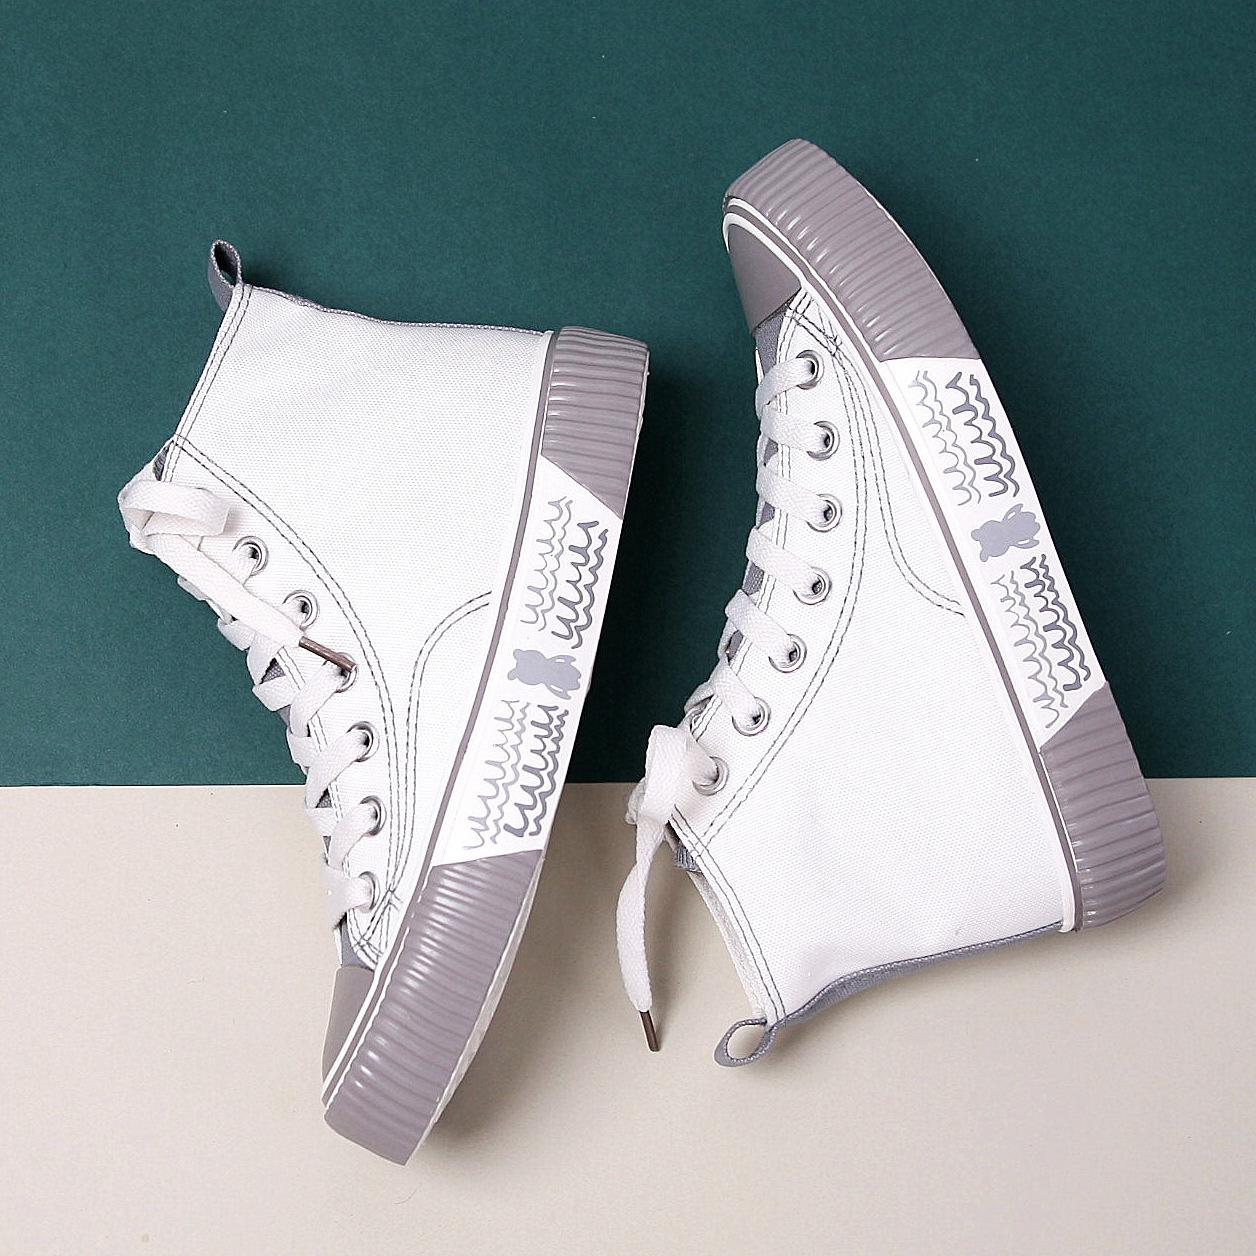 2020 Весна Повседневной обуви Женщина плоской дикая корейские студенты Hight-Top дышащего Ins Кружево Женщины Холст обувь